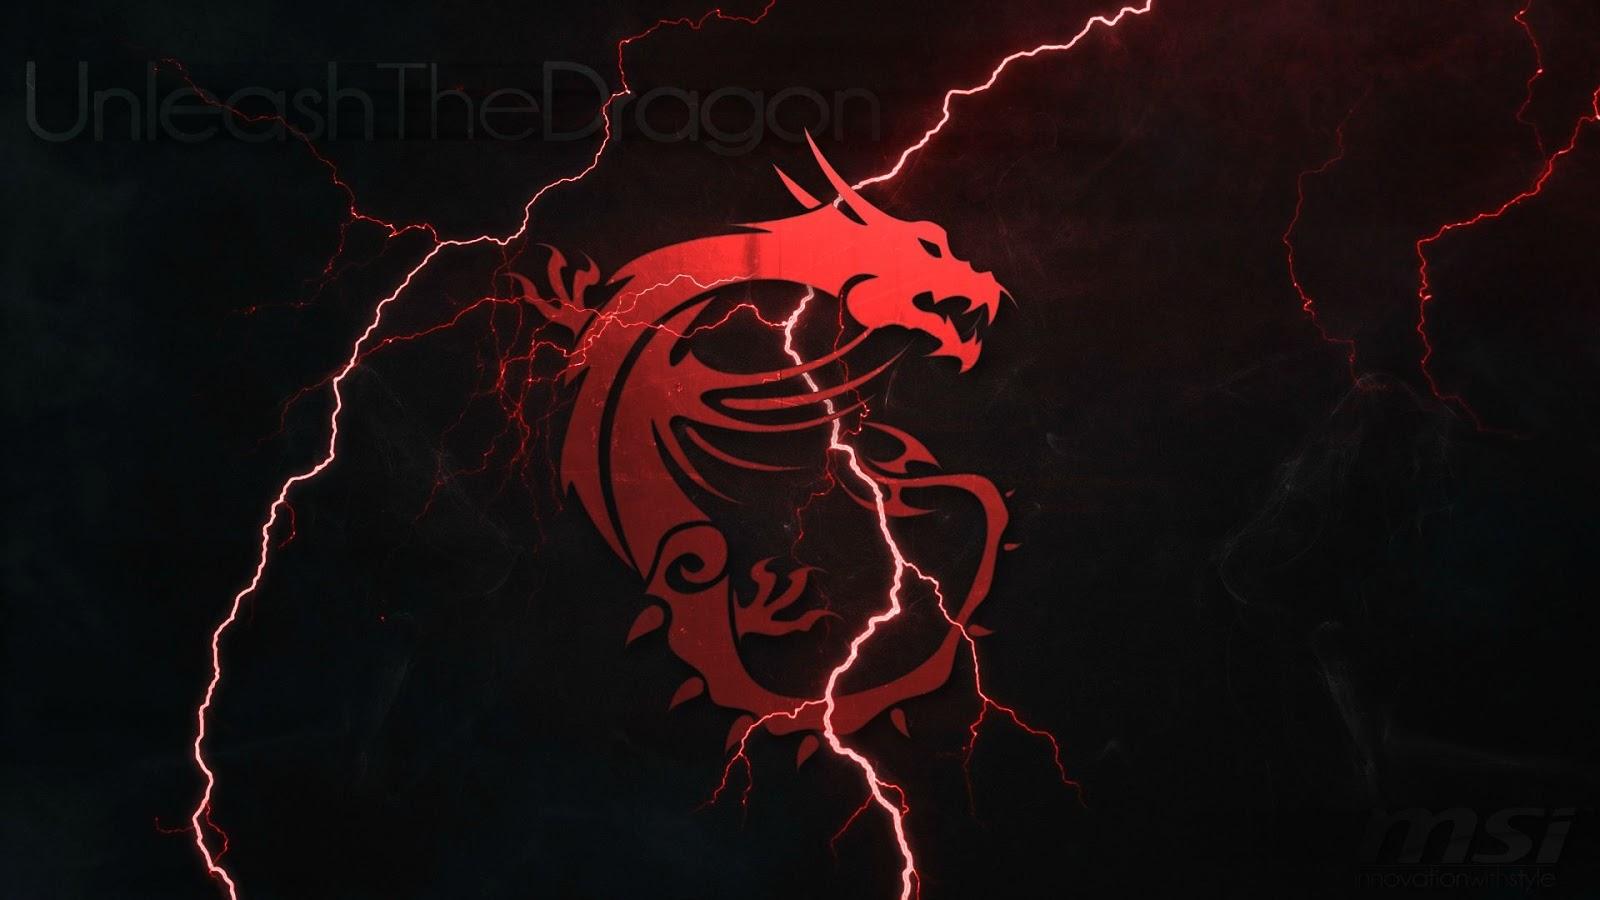 Logo Lightning Computer Dark Background Widescreen HD Wallpaper h7 1600x900